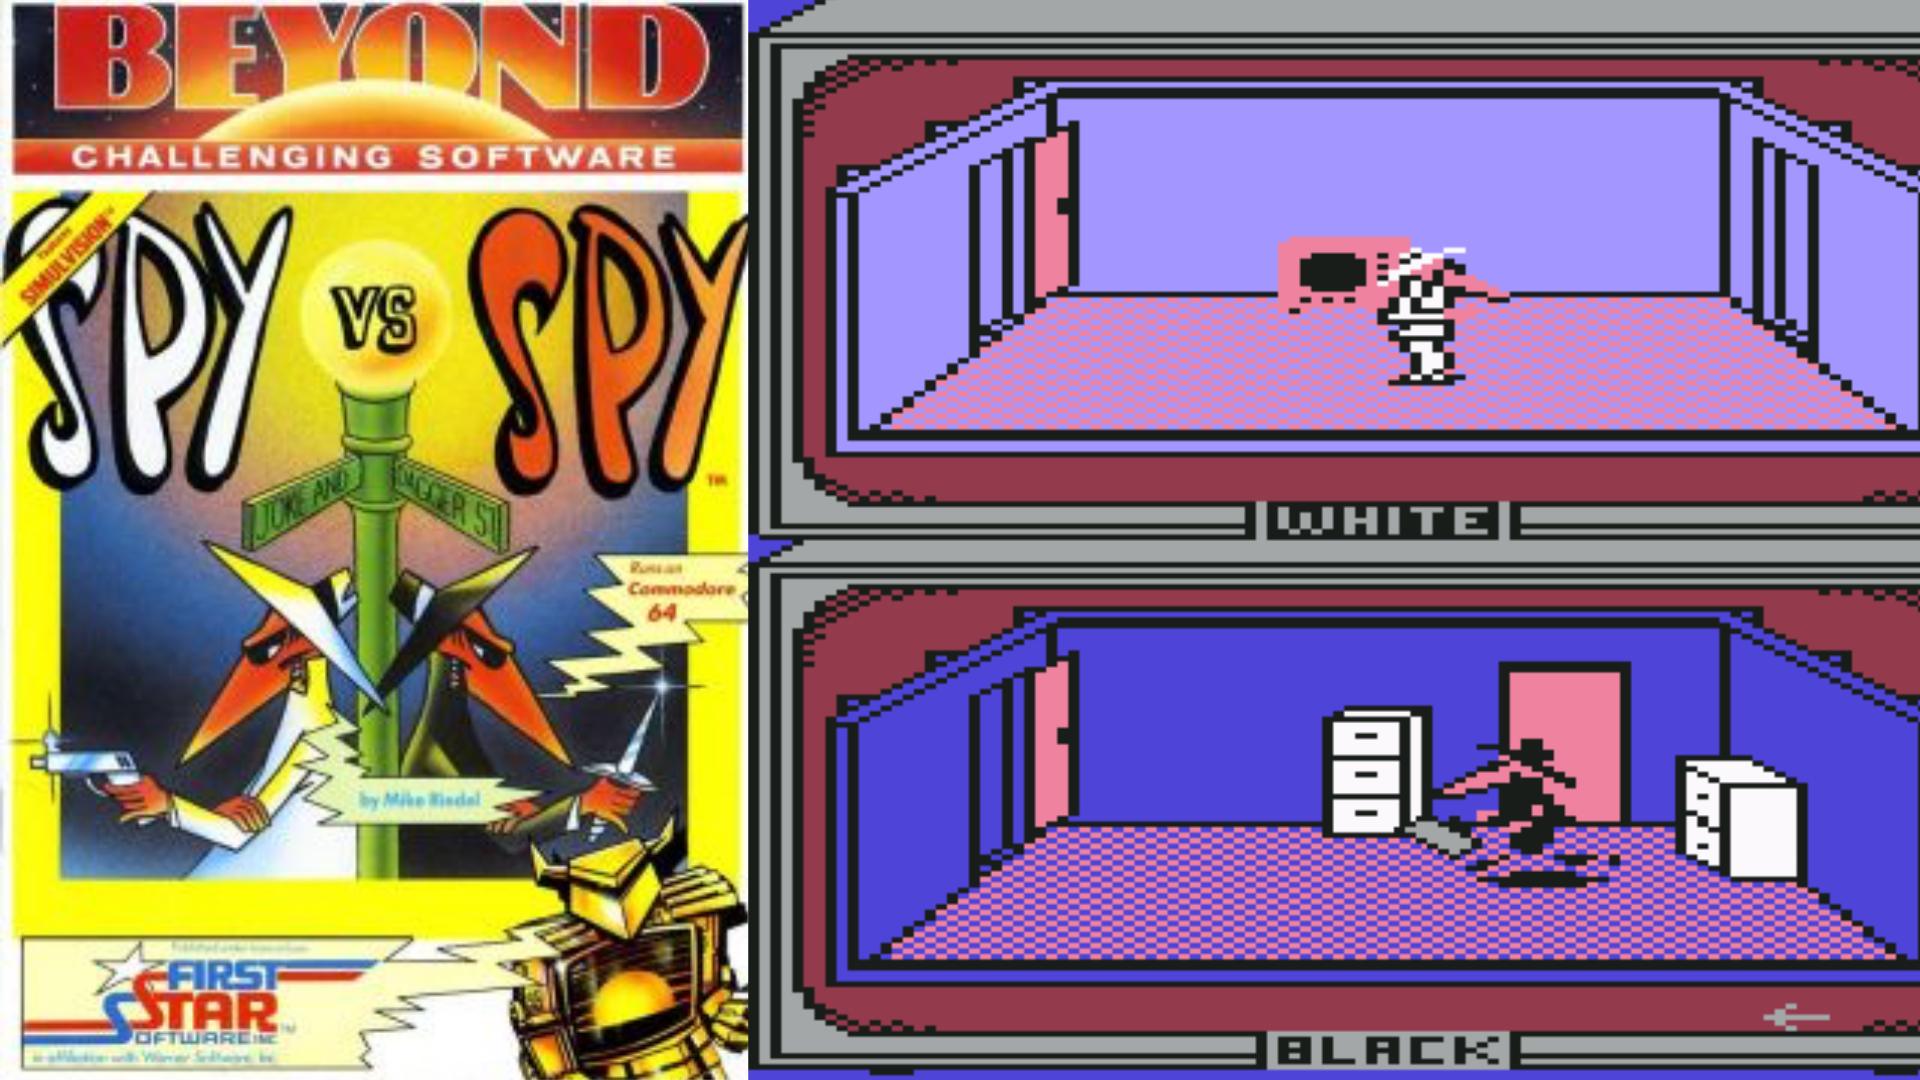 Ungemein fesselnd: Mit einem C64 konnte man tatsächlich Antonio Prohias Spione aus den MAD Magazinen steuern. Da blieb das Schulheft im Halfter stecken. (Bild: Beyond)